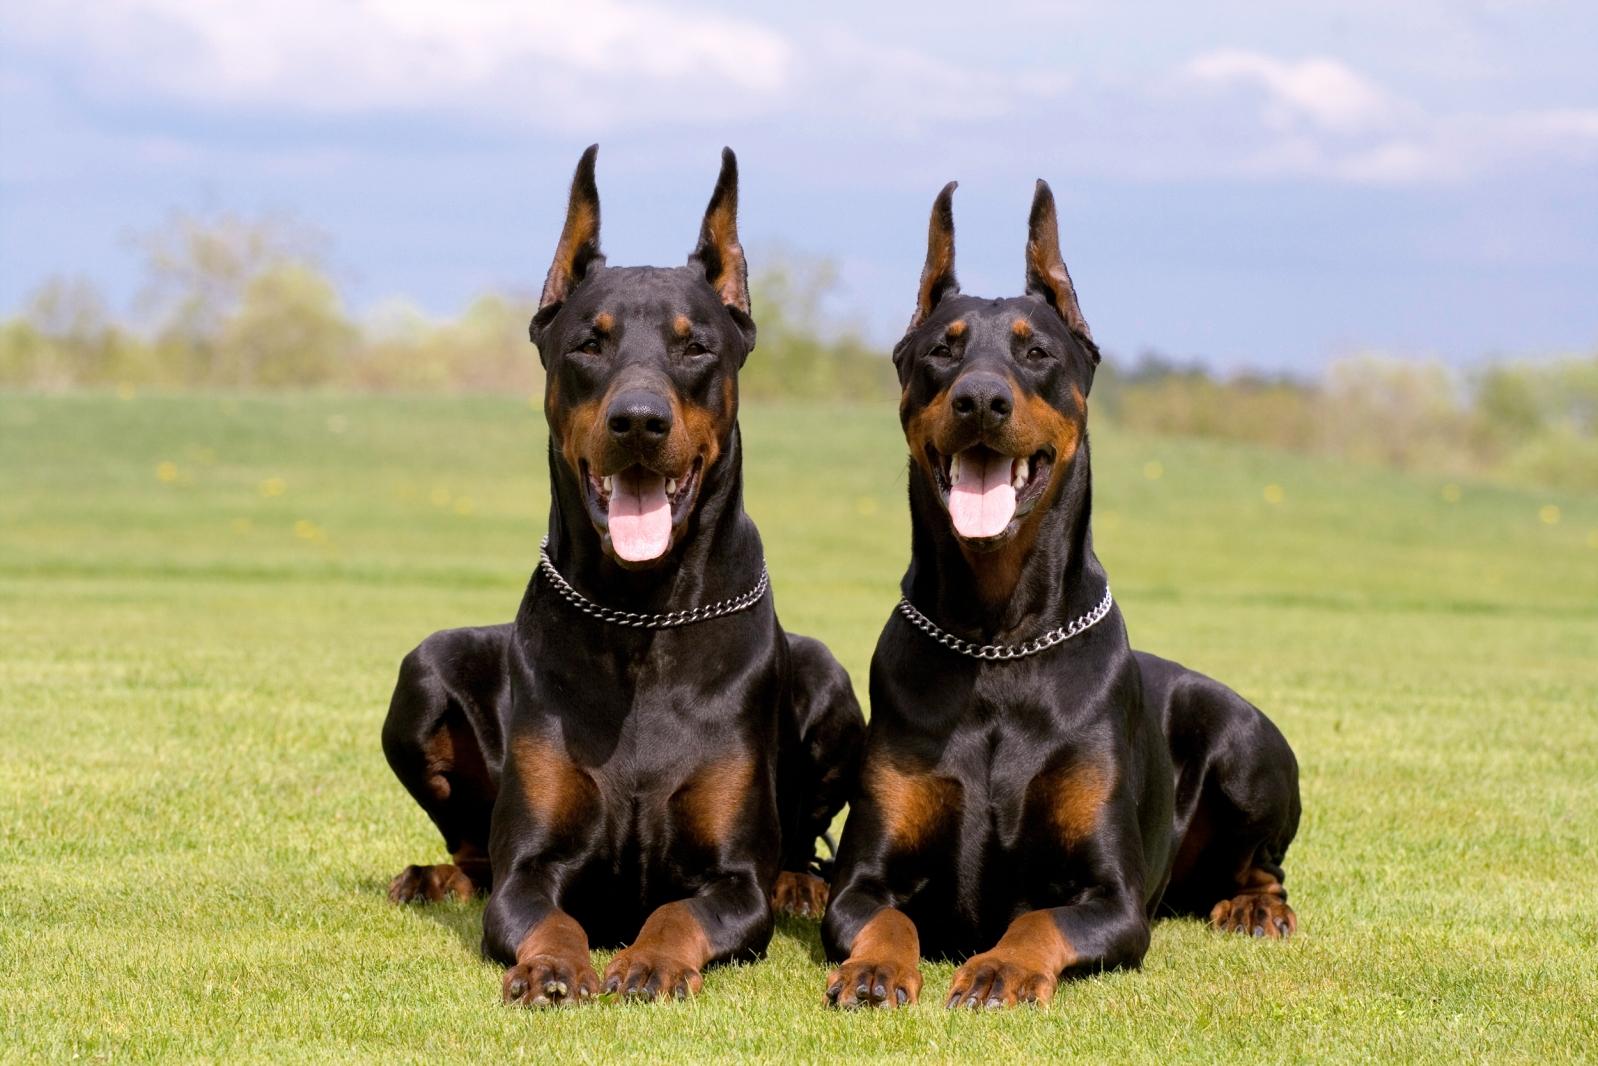 Кличка собаки должна отражать её внешний облик, суть характера